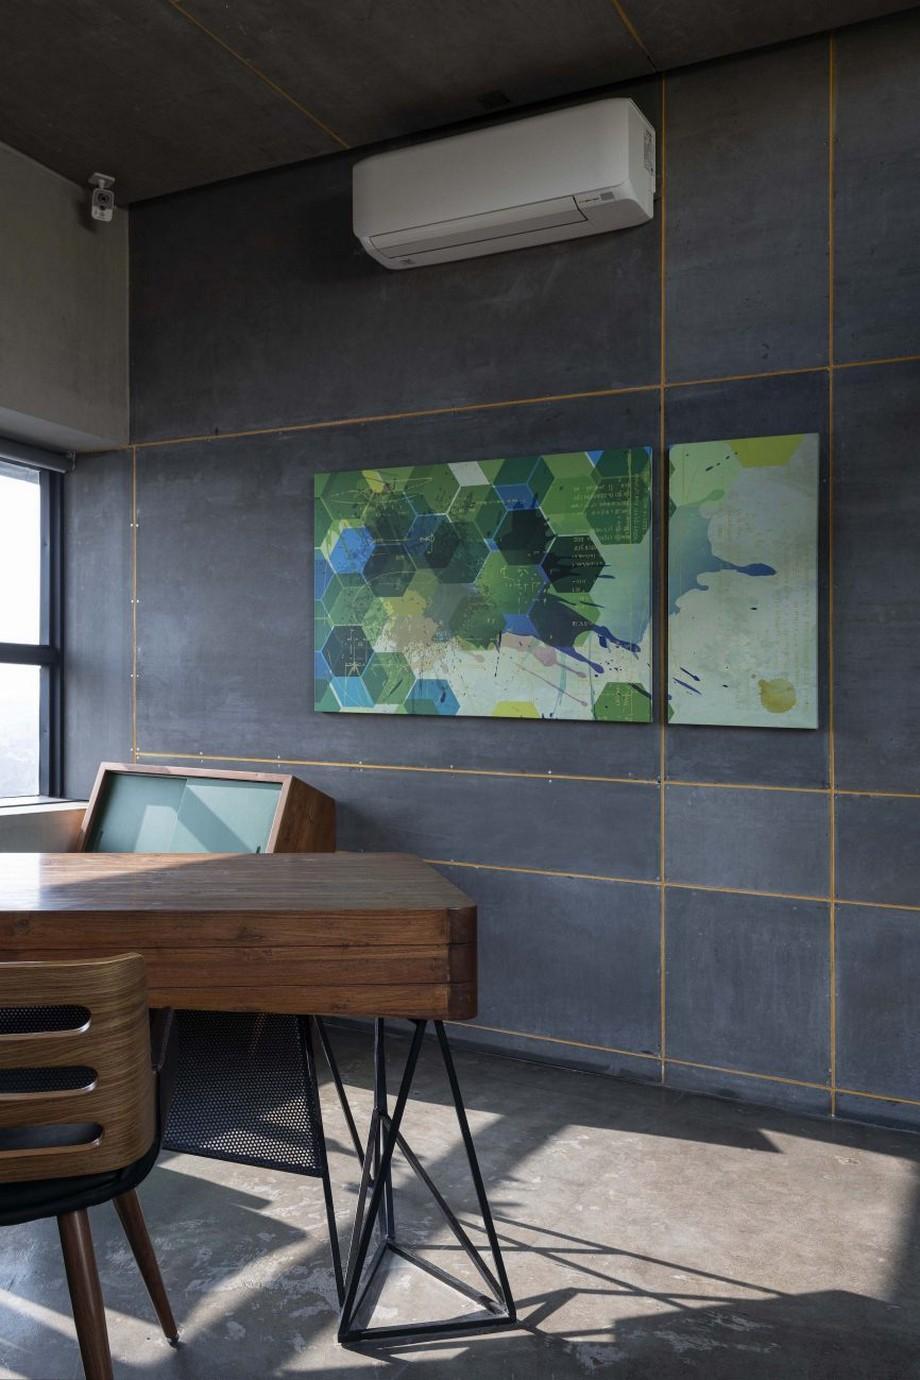 Thiết kế văn phòng 2 trong 1 - biến văn phòng thành trung tâm trải nghiệm khách hàng